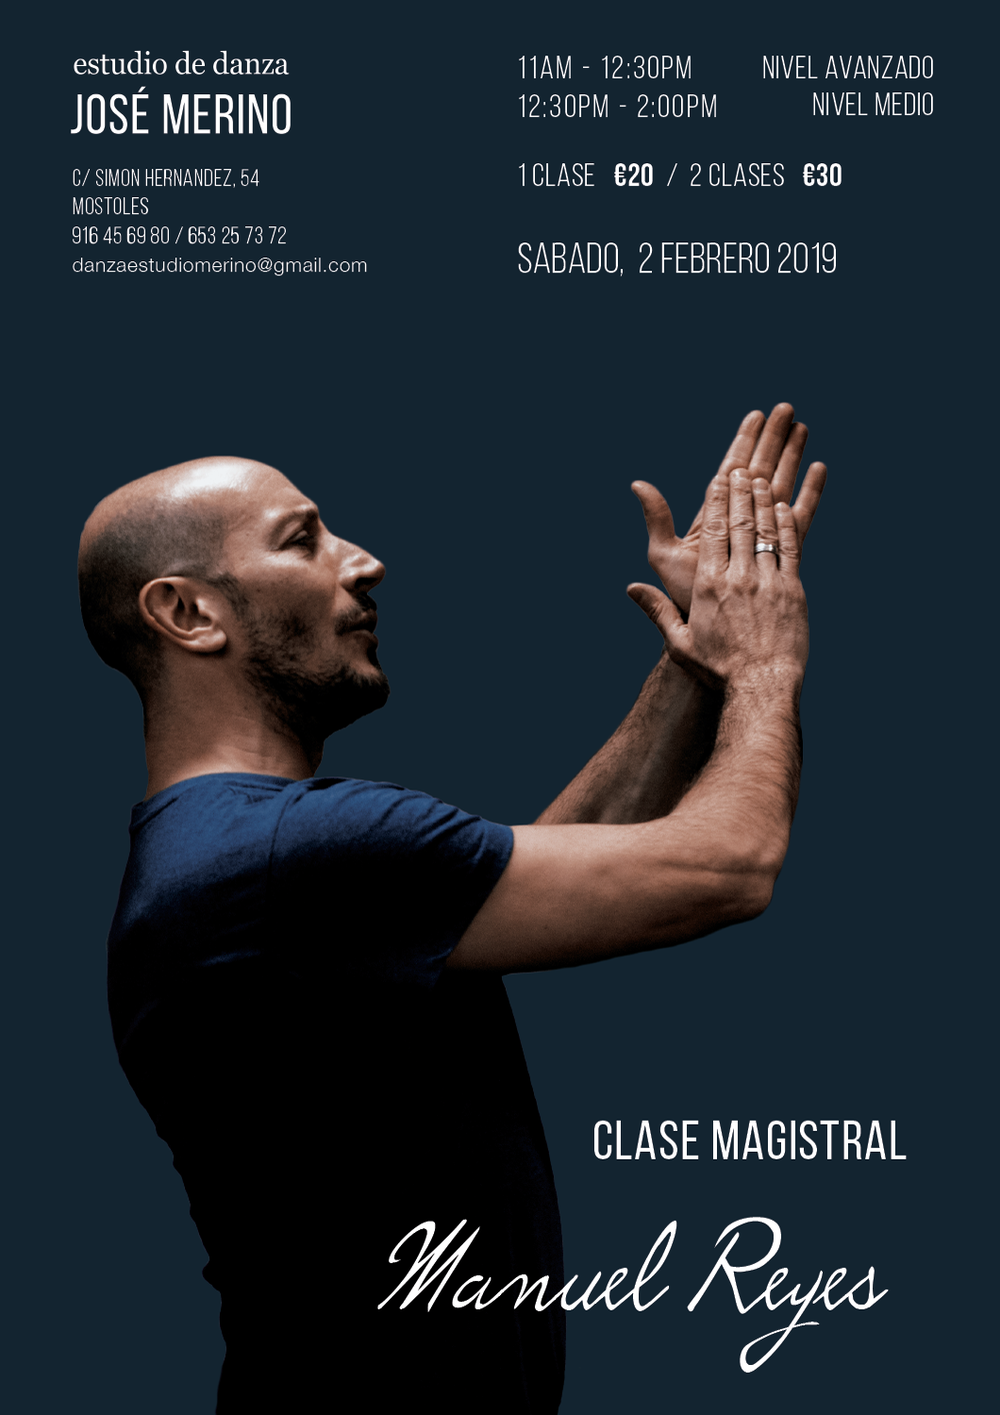 Manuel-Reyes-Masterclass-Jan19.png